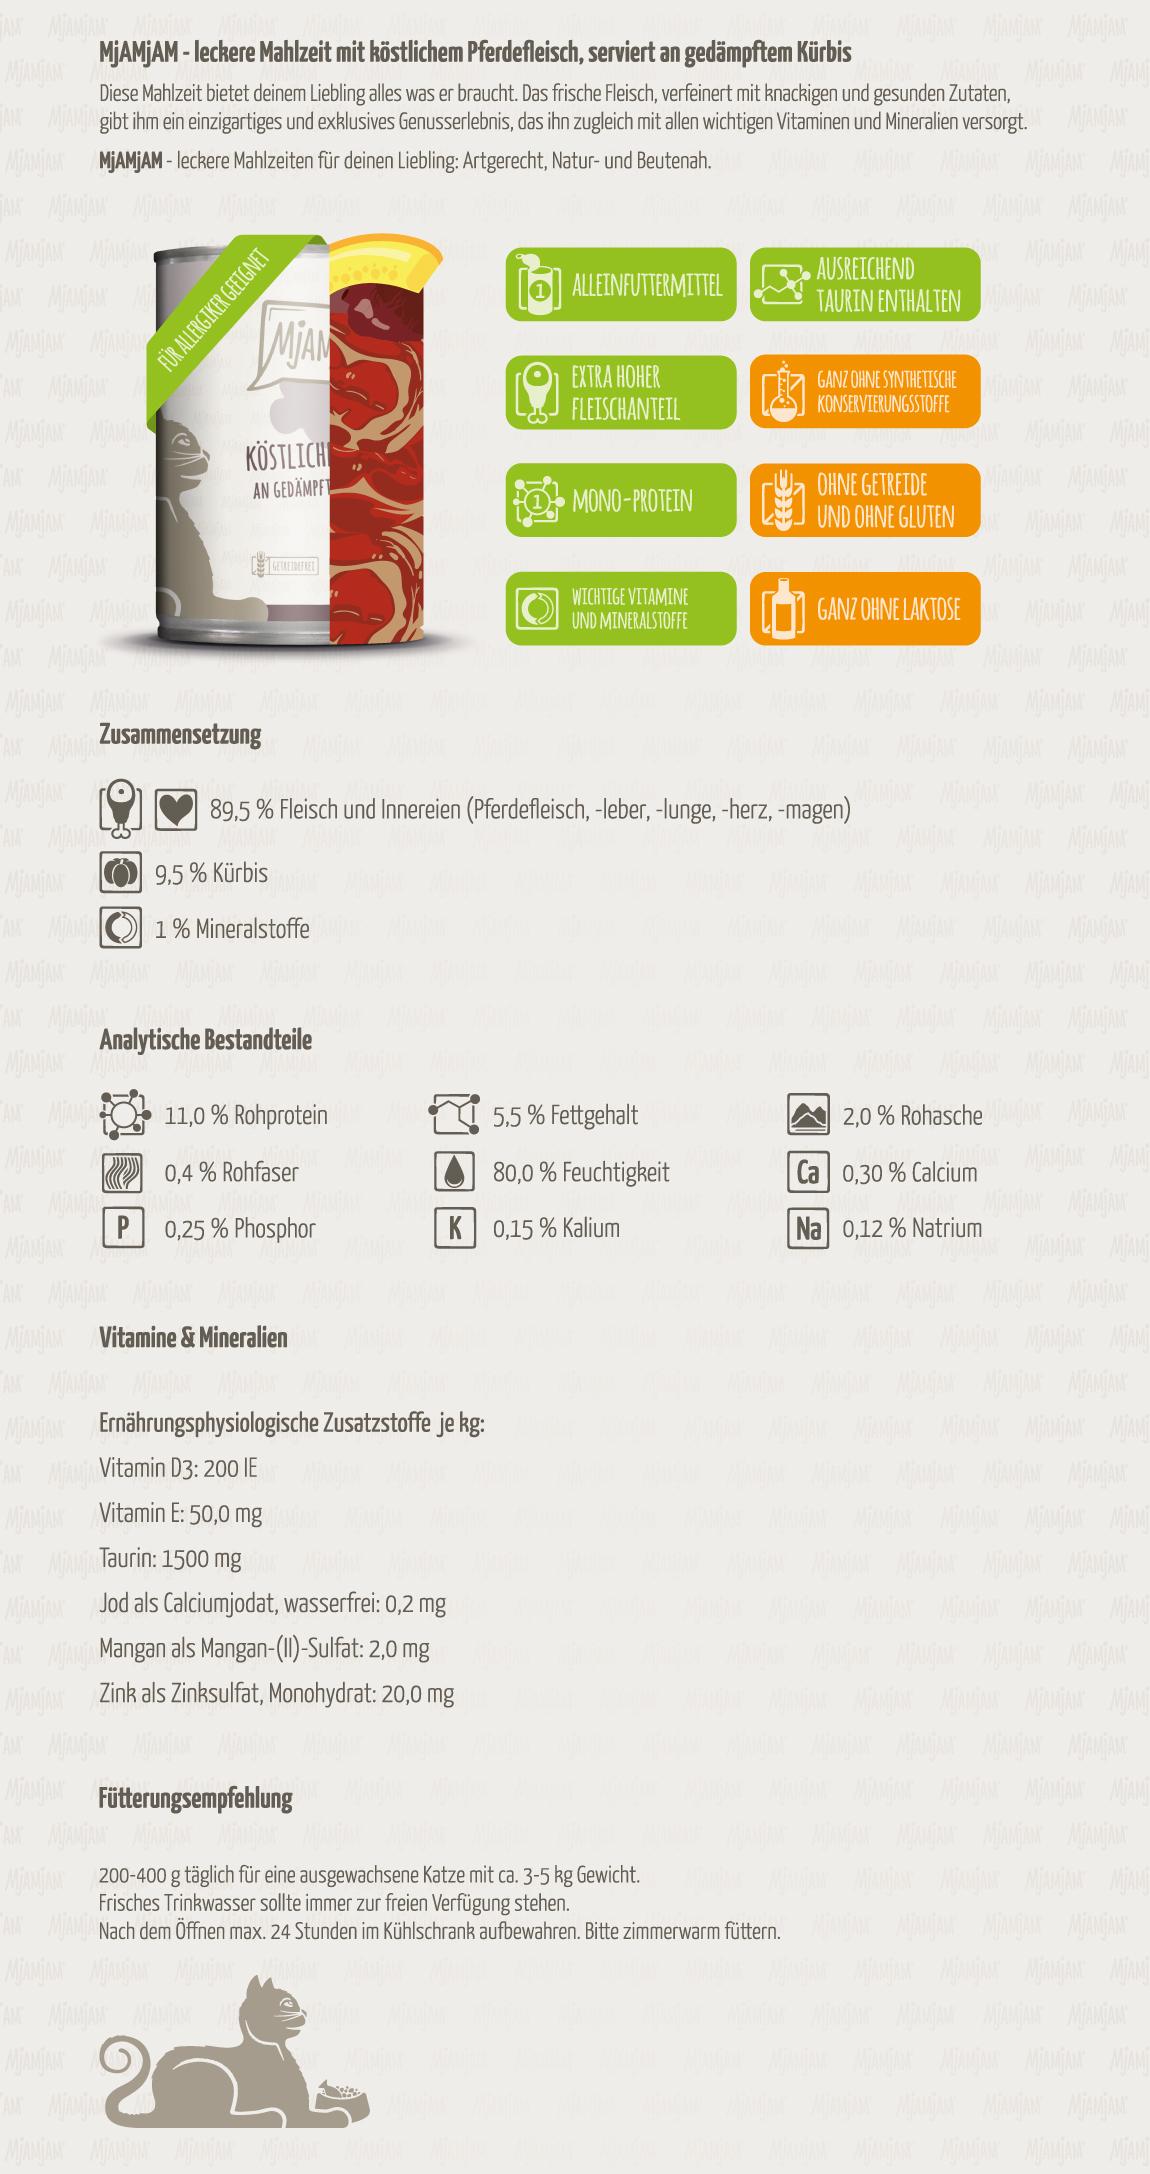 Mjamjam_Produktbeschreibung_Katze_Koestliches-Pferd